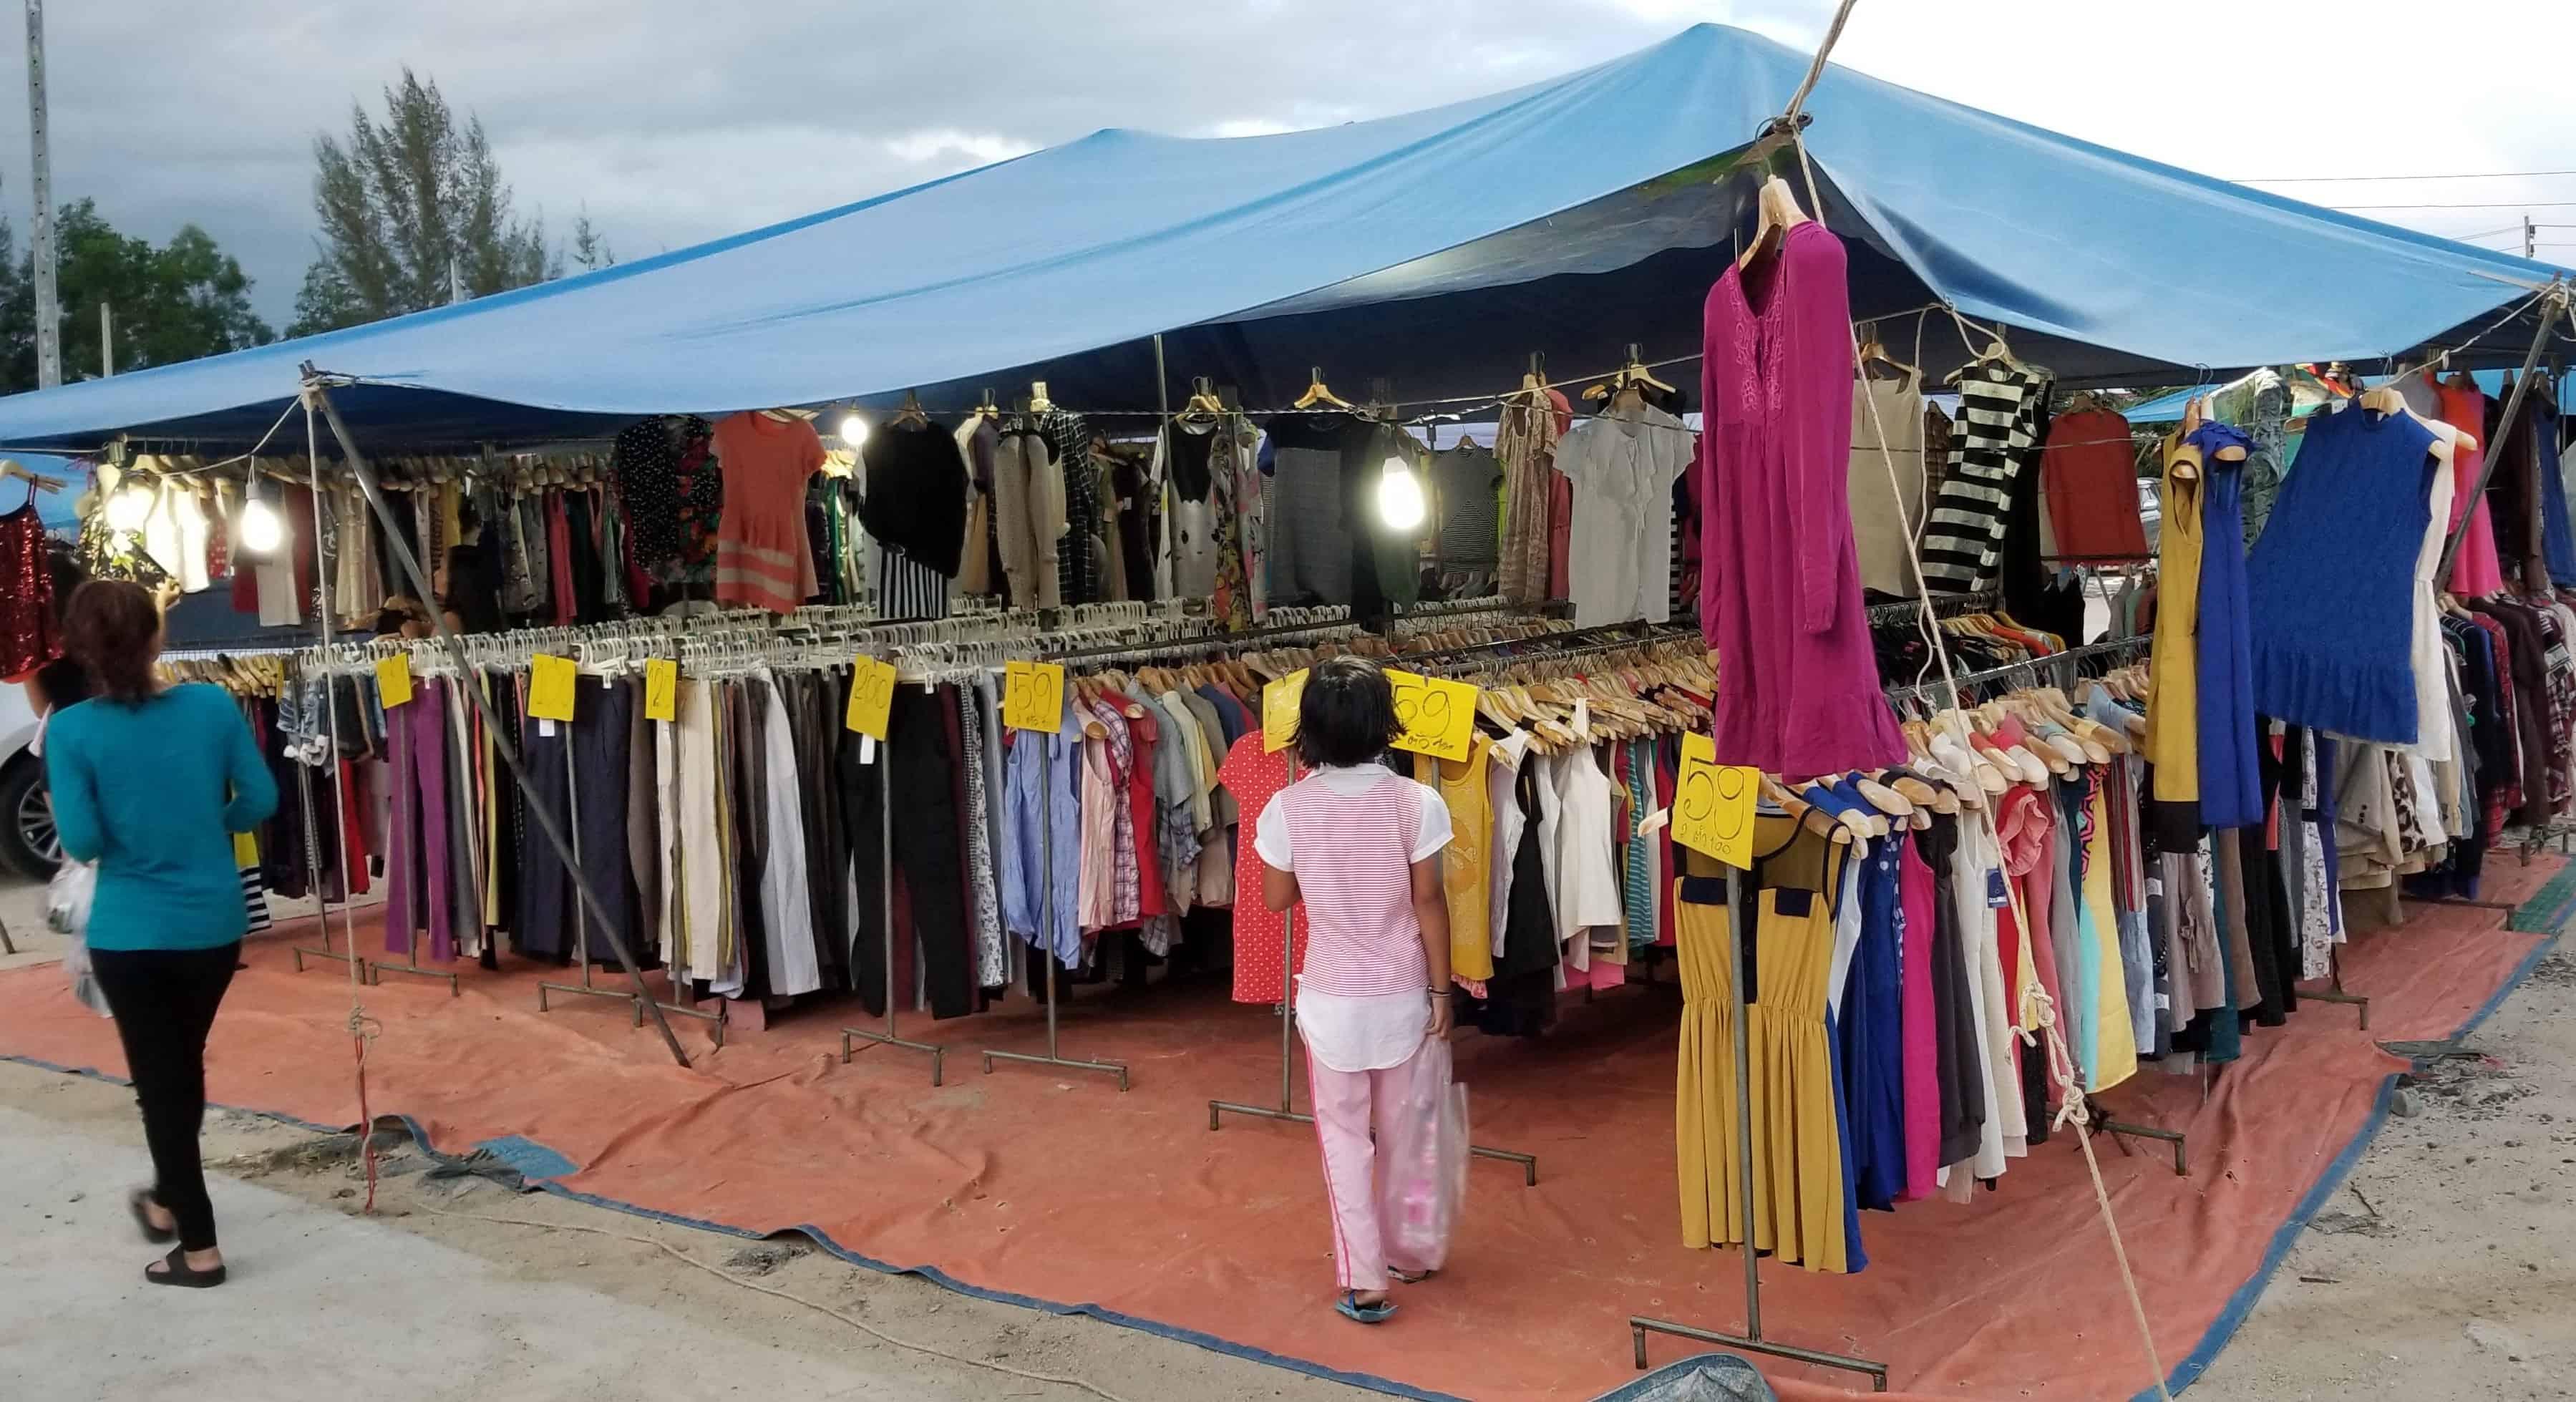 image-of-vendor-selling-garments-at-nai-yang-market-in-phuket-thailand